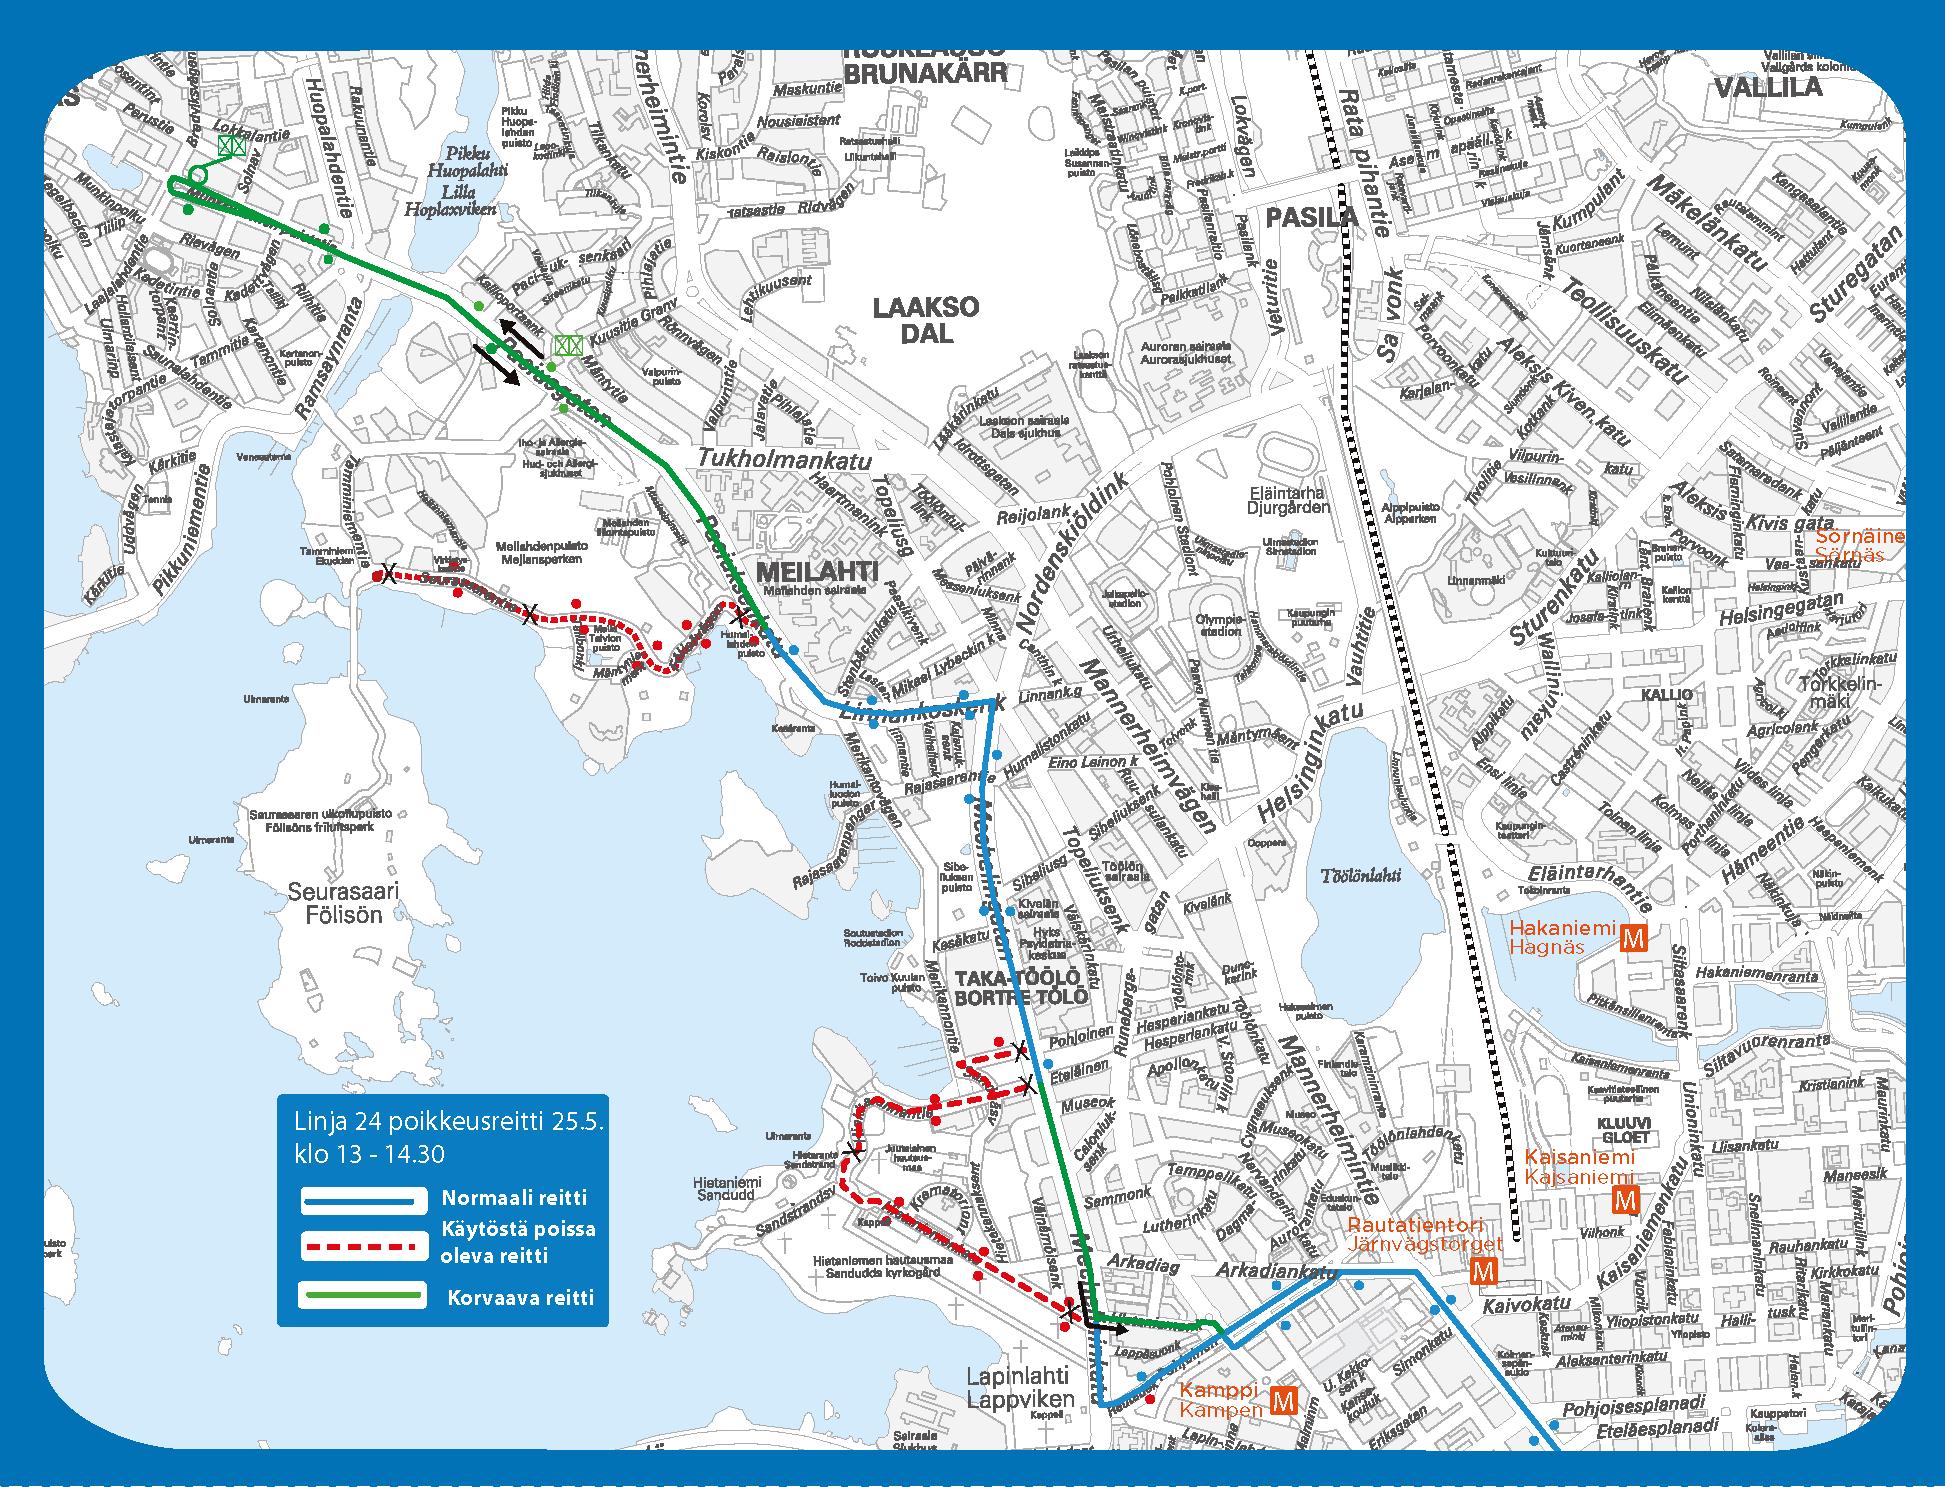 Hietaniemen ja Seurasaaren reittiosuudet on suljettu liikenteeltä n. klo 13 – 14.30. Tuolloin linja 24 ajetaan suoraan Mechelininkatua, Paciuksenkatua ja Munkkiniemen puistotietä Laajalahden aukion pysäkille (H1401).